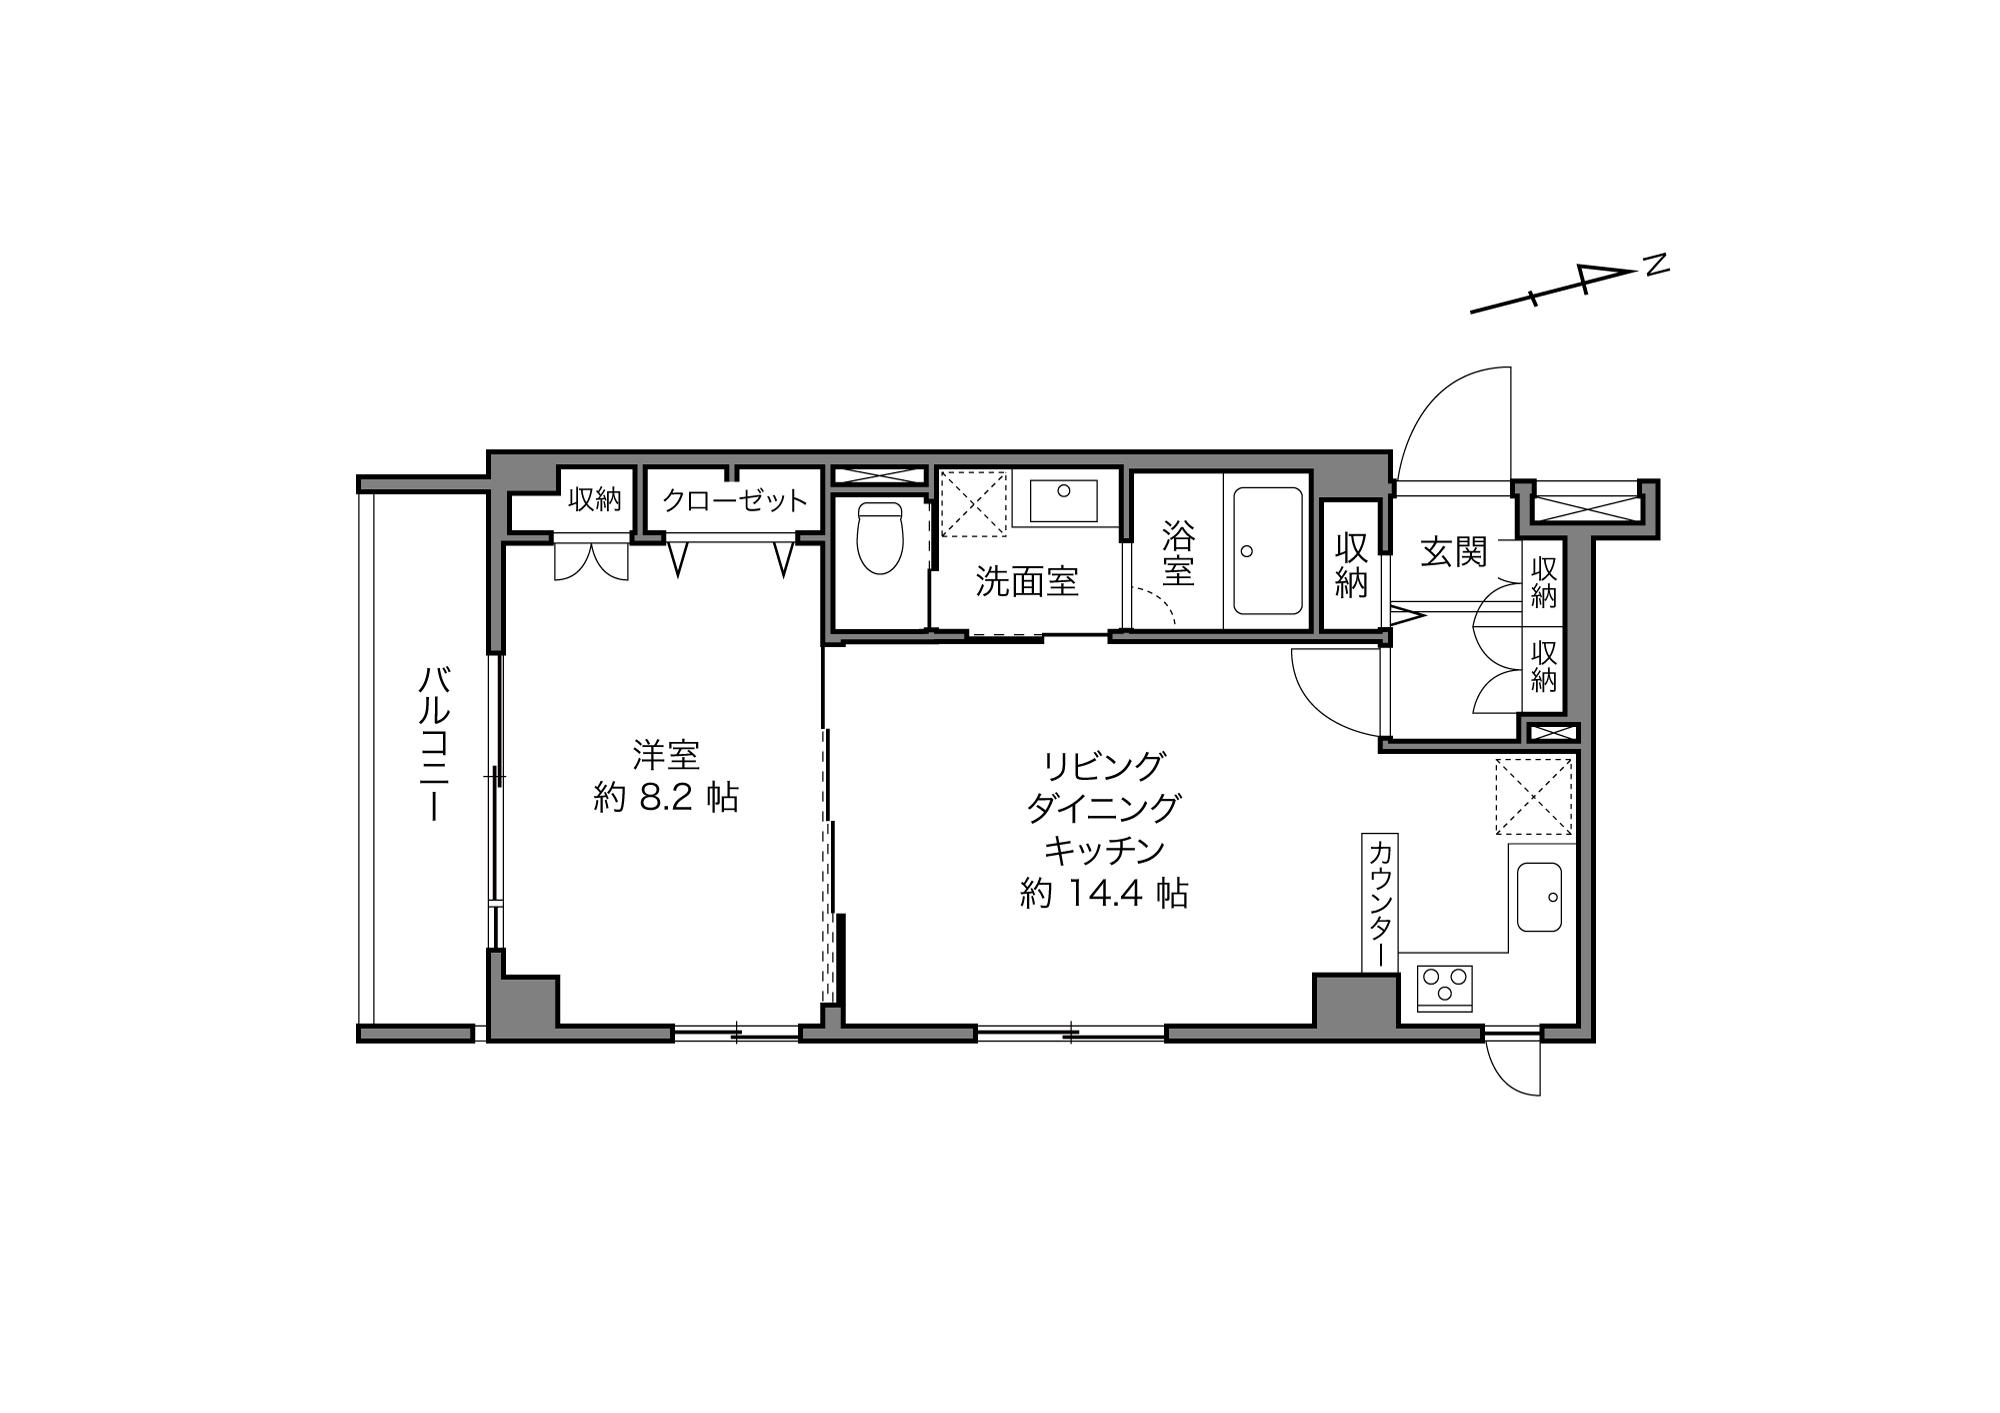 代々木公園駅 / 1LDK+5Closet / 51.54㎡